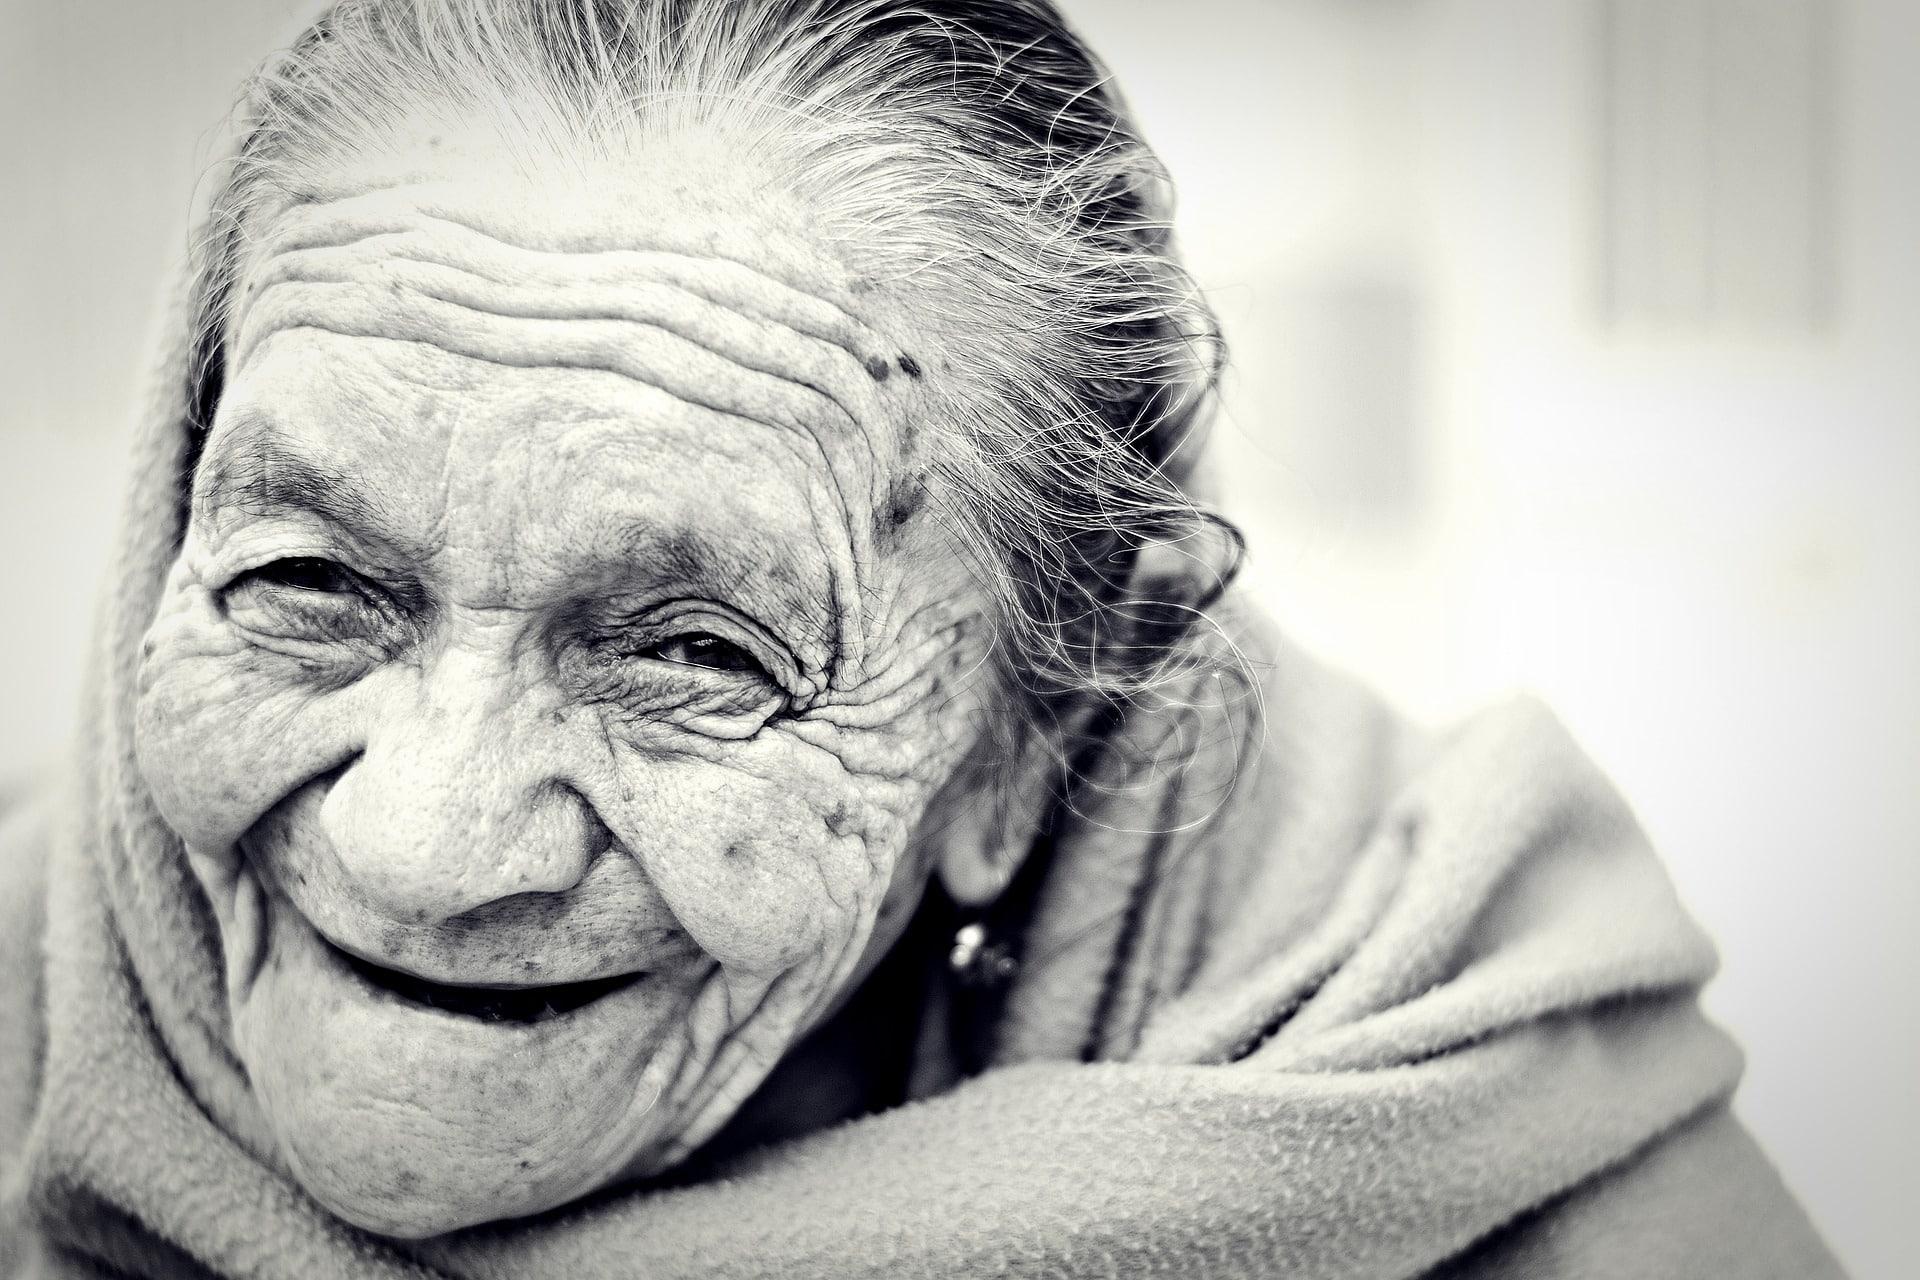 50091bf5039a9c6746ecf094fd116d9b - Aumenta la calidad de vida de las personas mayores con una asistencia a domicilio profesional